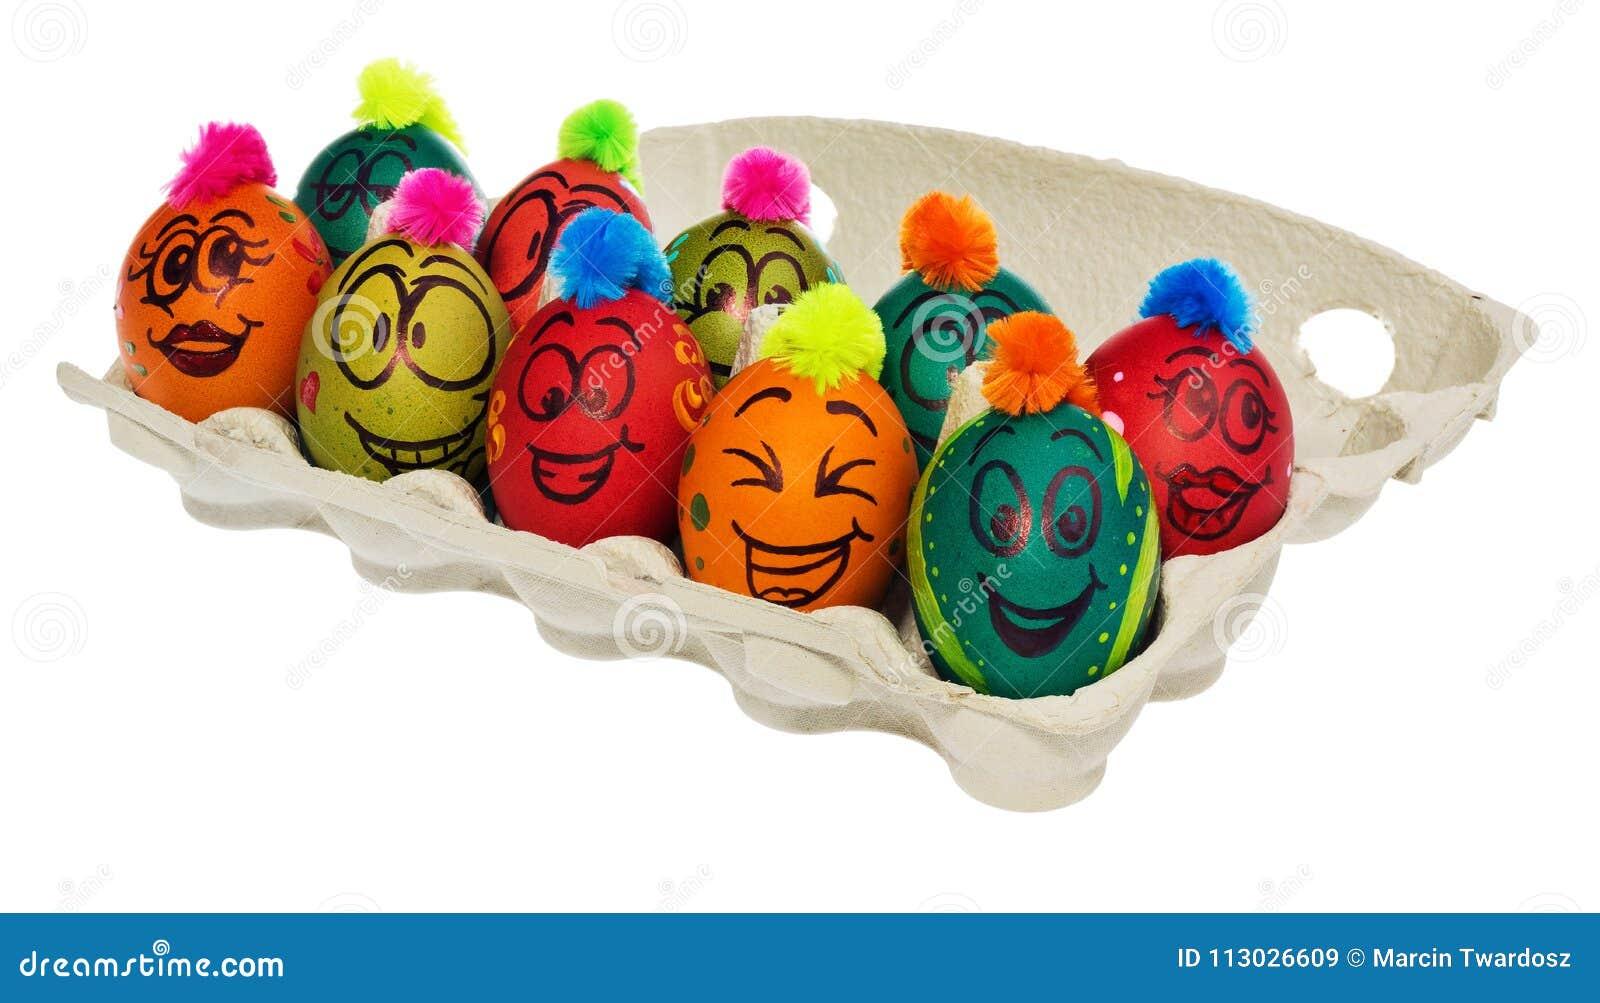 Huevos de Pascua, pintados a mano con la sonrisa y el fac aterrorizado de la historieta